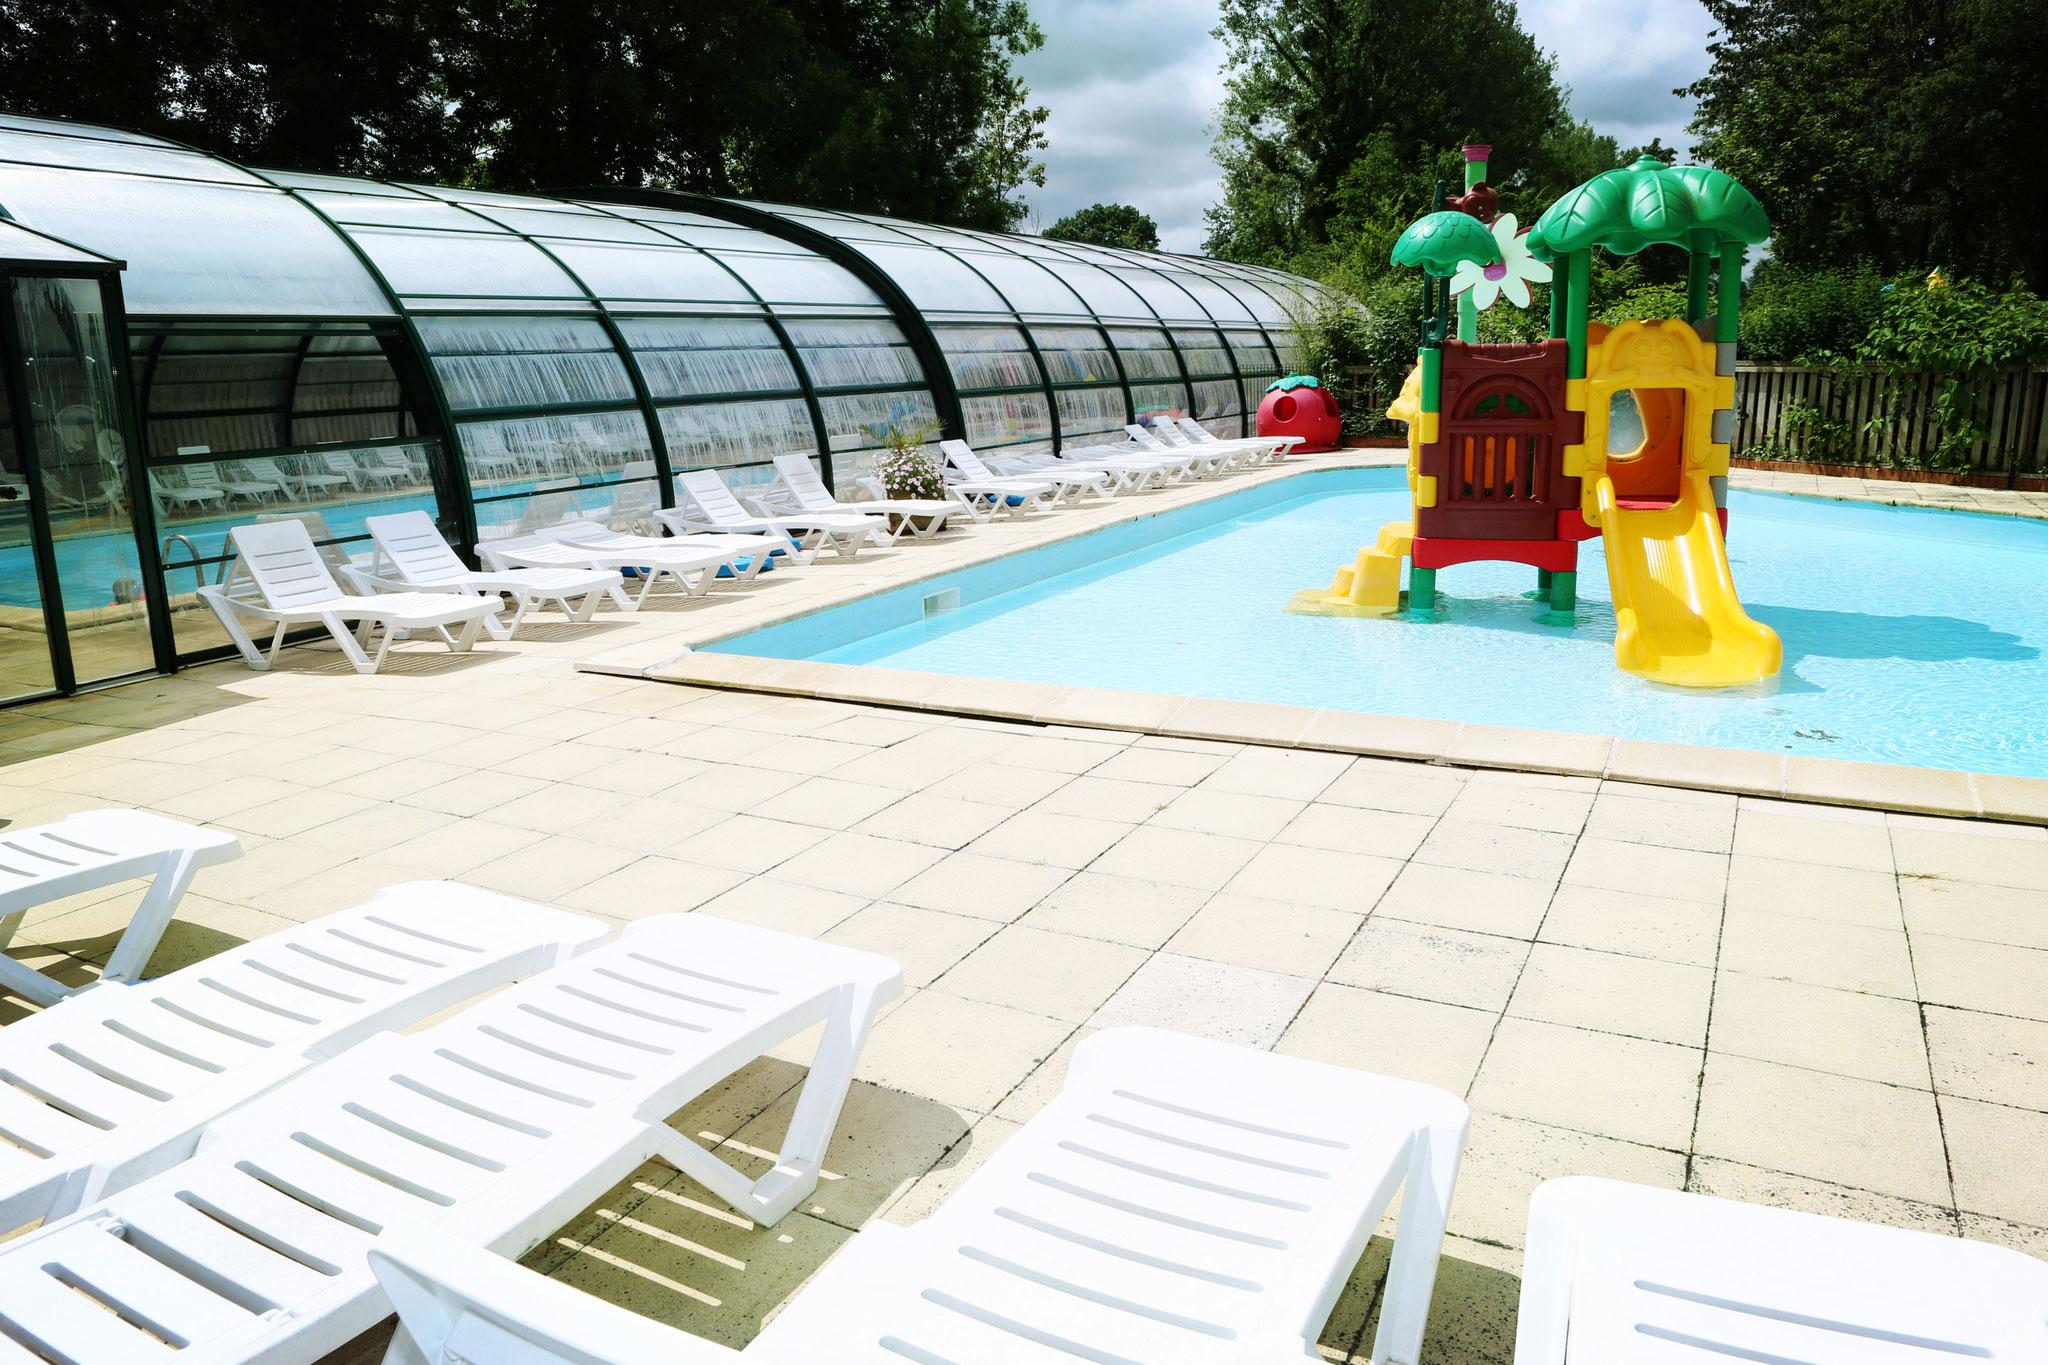 Aires de jeux aquatiques spa camping 4 toiles baie de for Camping baie de somme piscine couverte